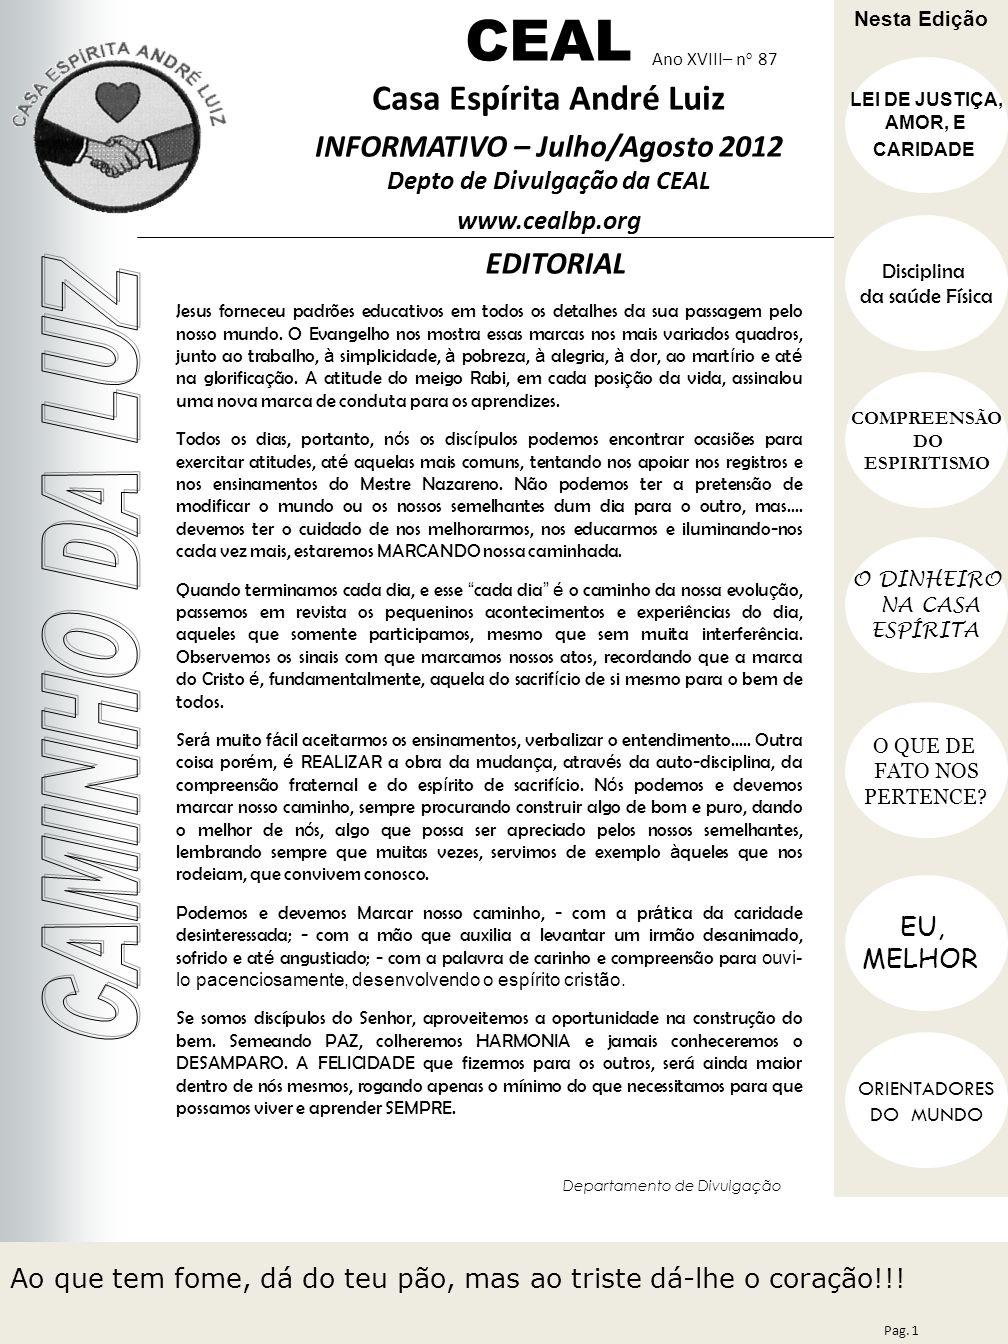 Ano XVIII– n o 87 EDITORIAL CEAL Casa Espírita André Luiz INFORMATIVO – Julho/Agosto 2012 Depto de Divulgação da CEAL www.cealbp.org Pag. 1 Ao que tem